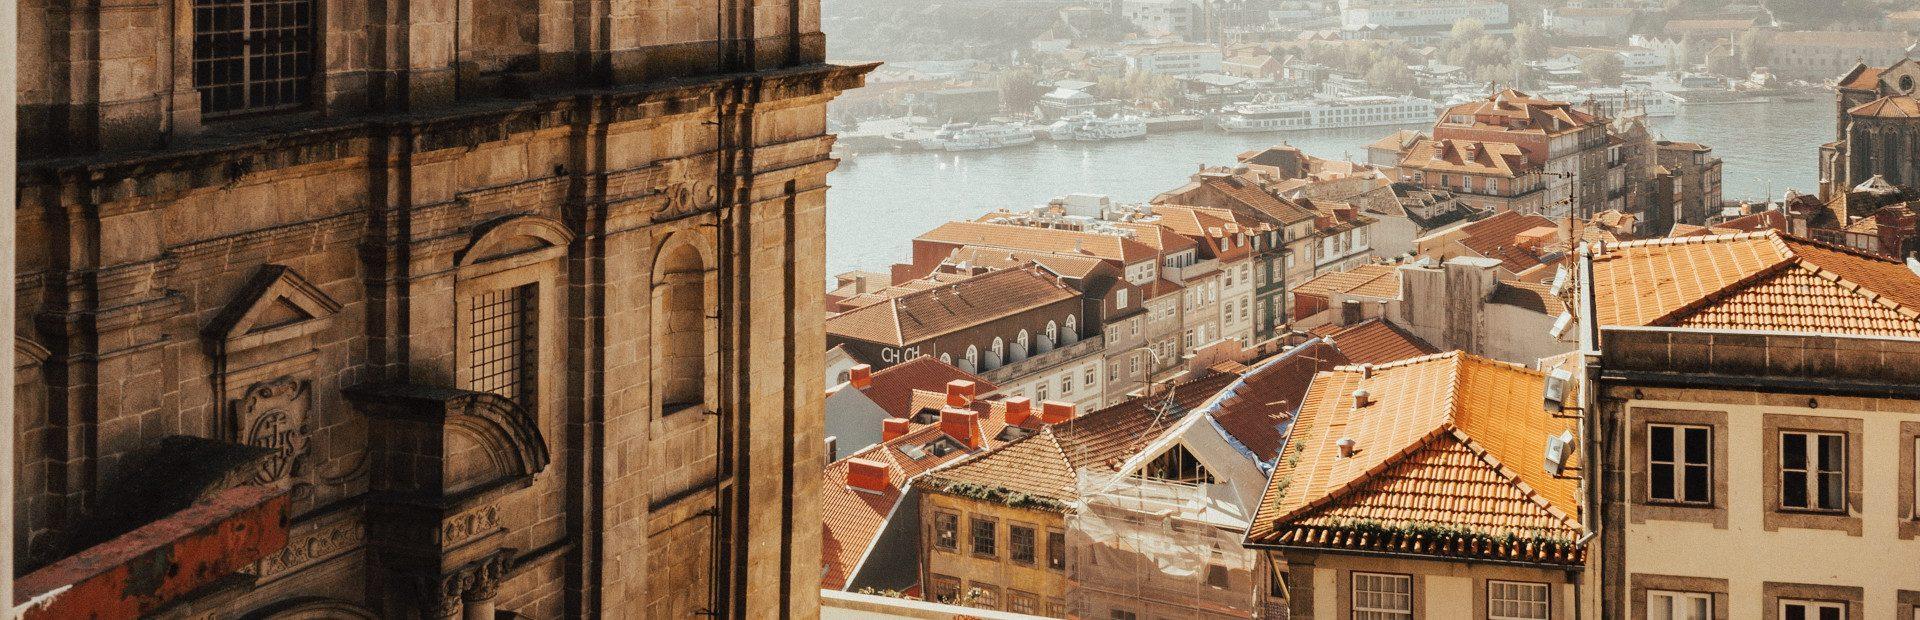 Nordportugal Urlaub mit erlebe